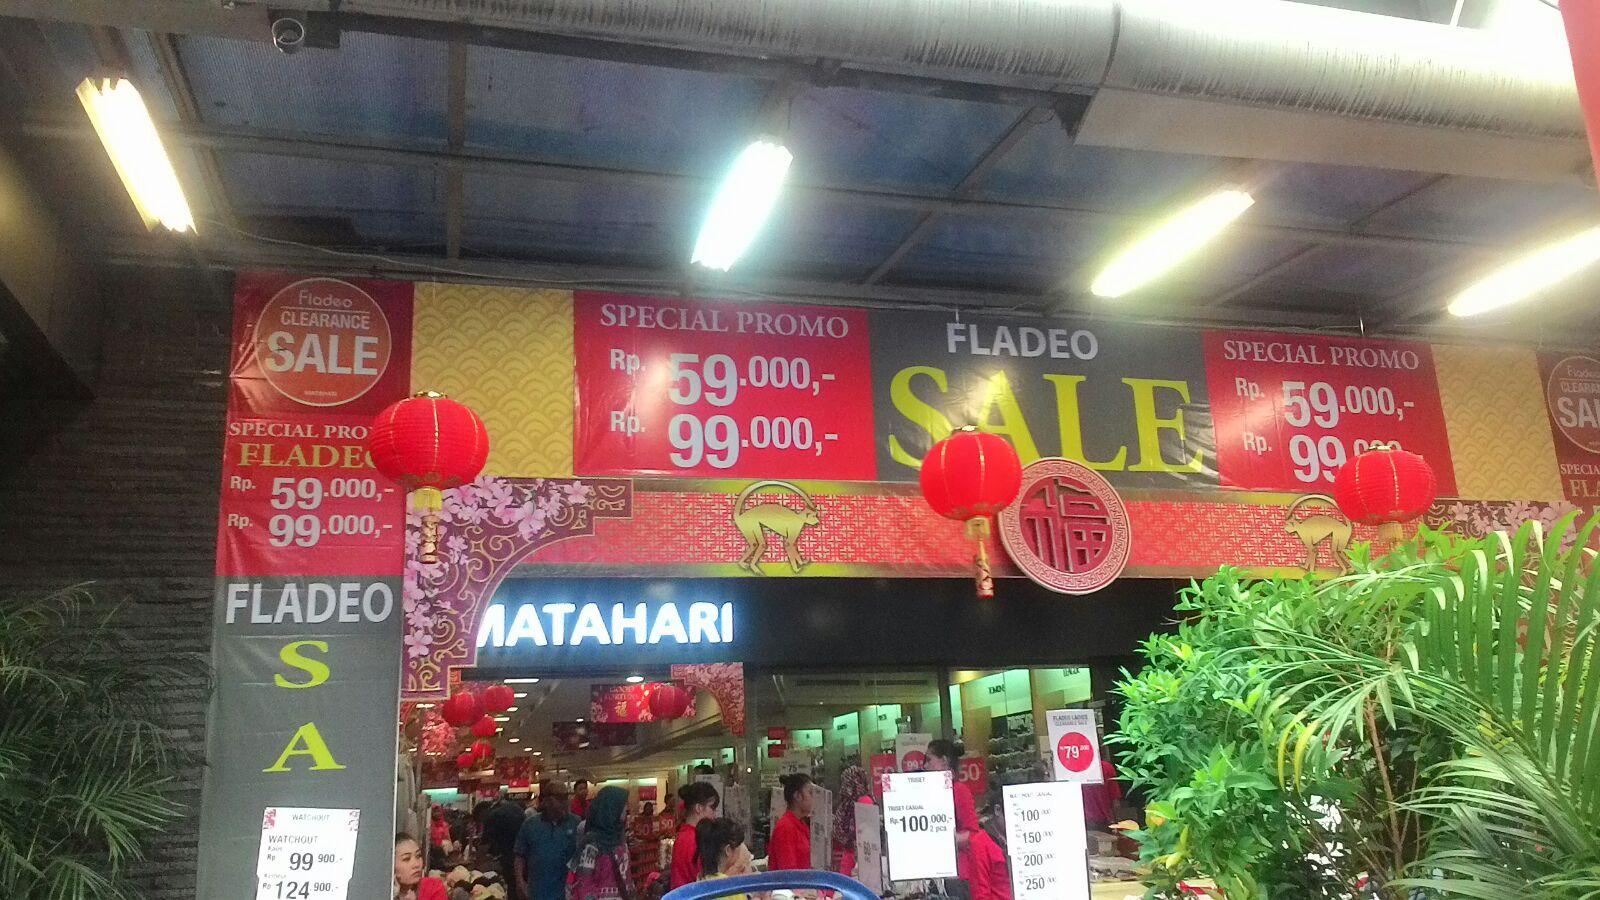 Imlek, Pusat Perbelanjaan Pasar Baru Sepi Tak Ada Acara